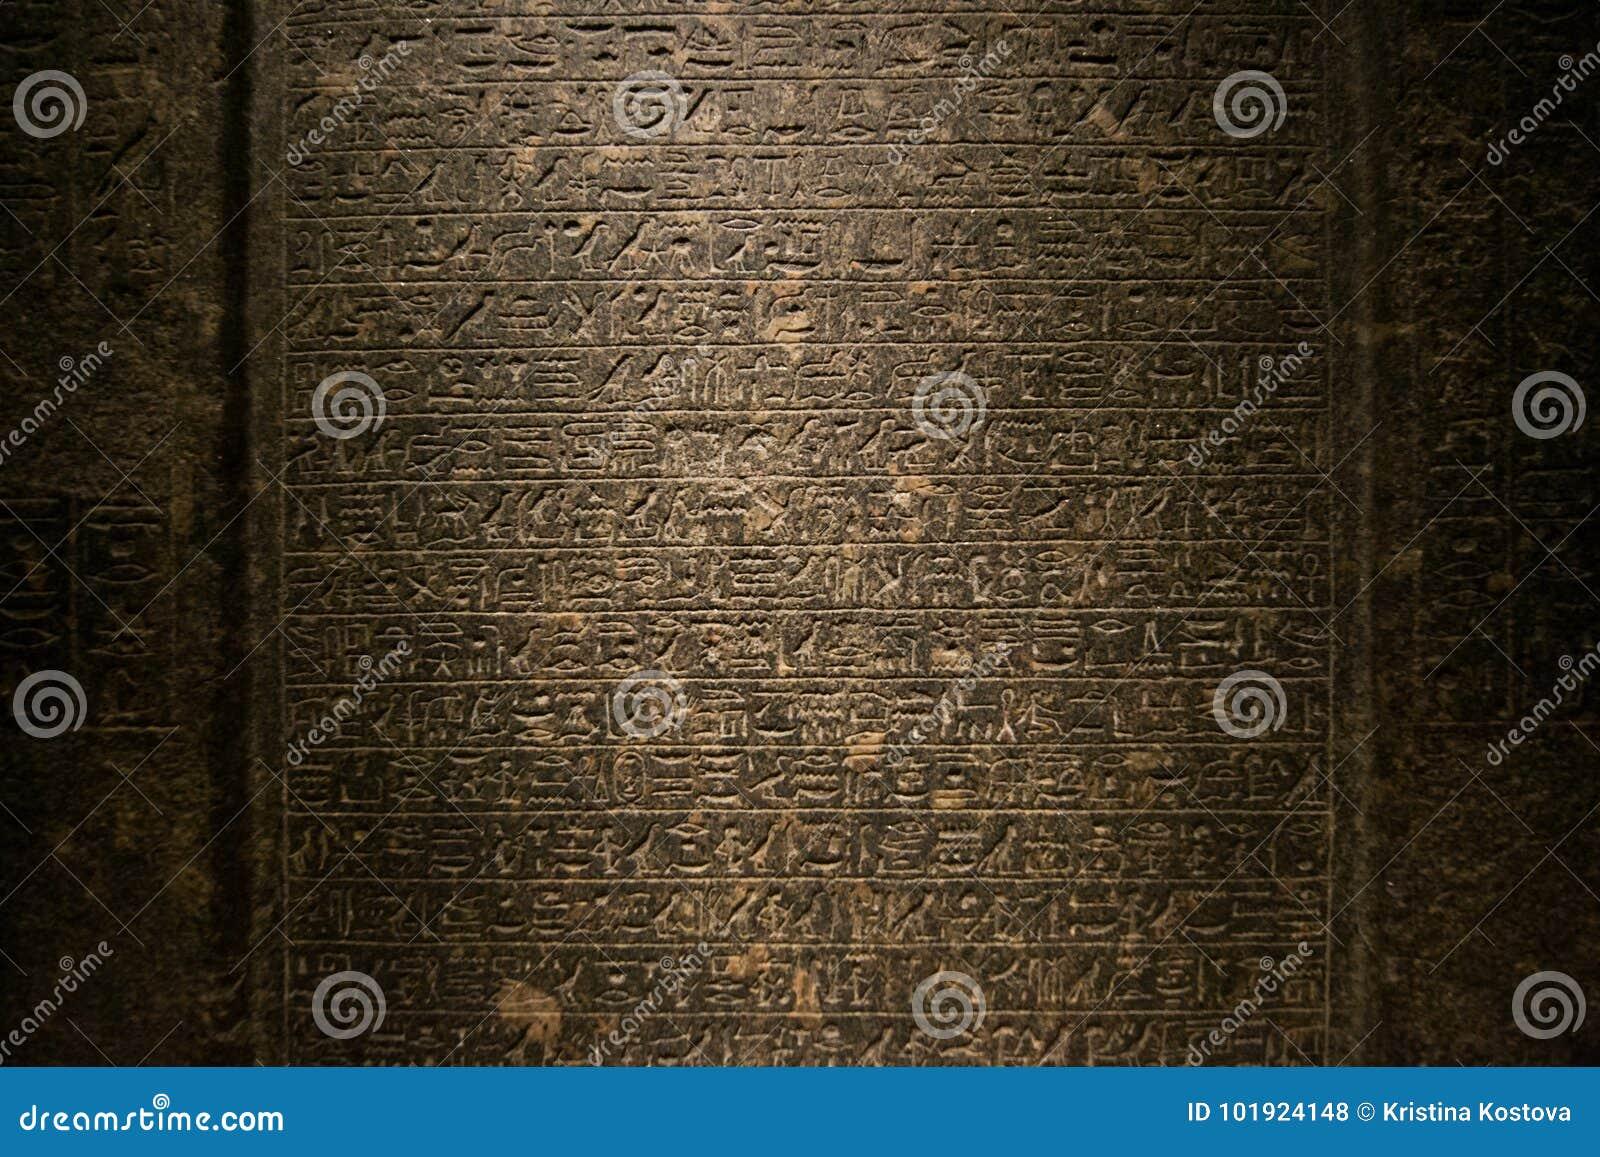 Αρχαία hieroglyphs στο βρετανικό μουσείο